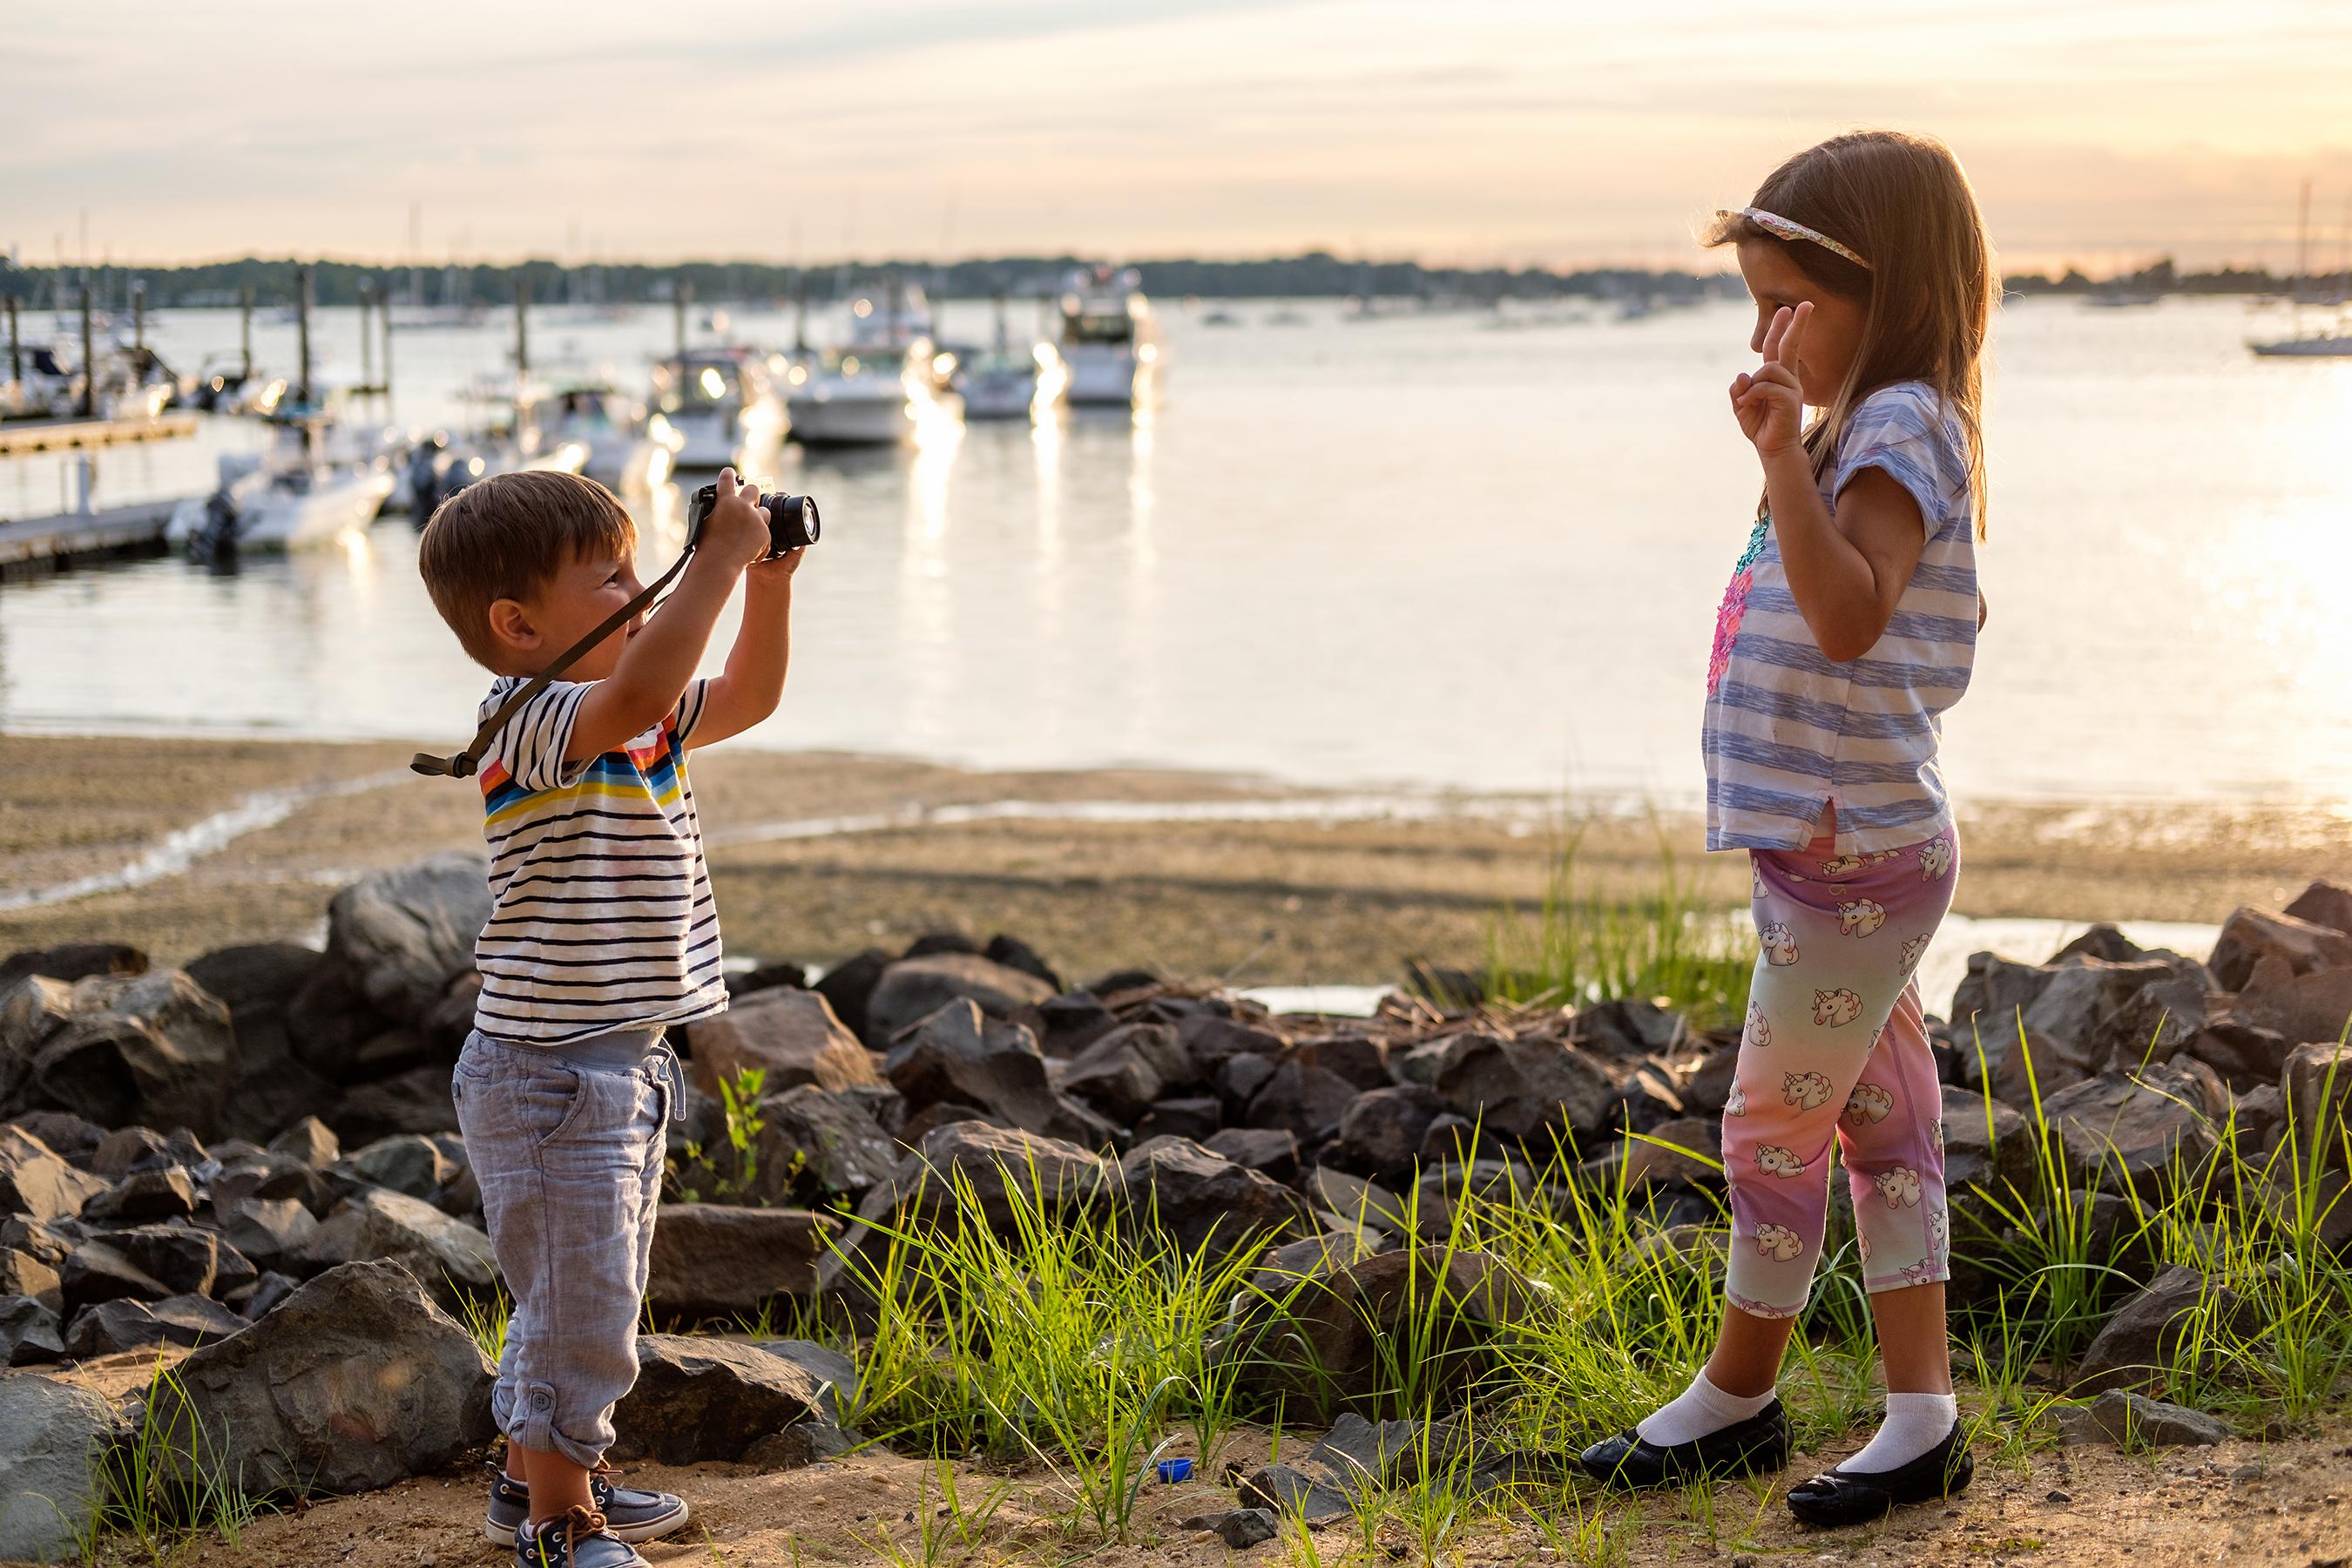 Фото мальчик с мальчиком, Мальчик Изображения Pixabay Скачать бесплатные 26 фотография